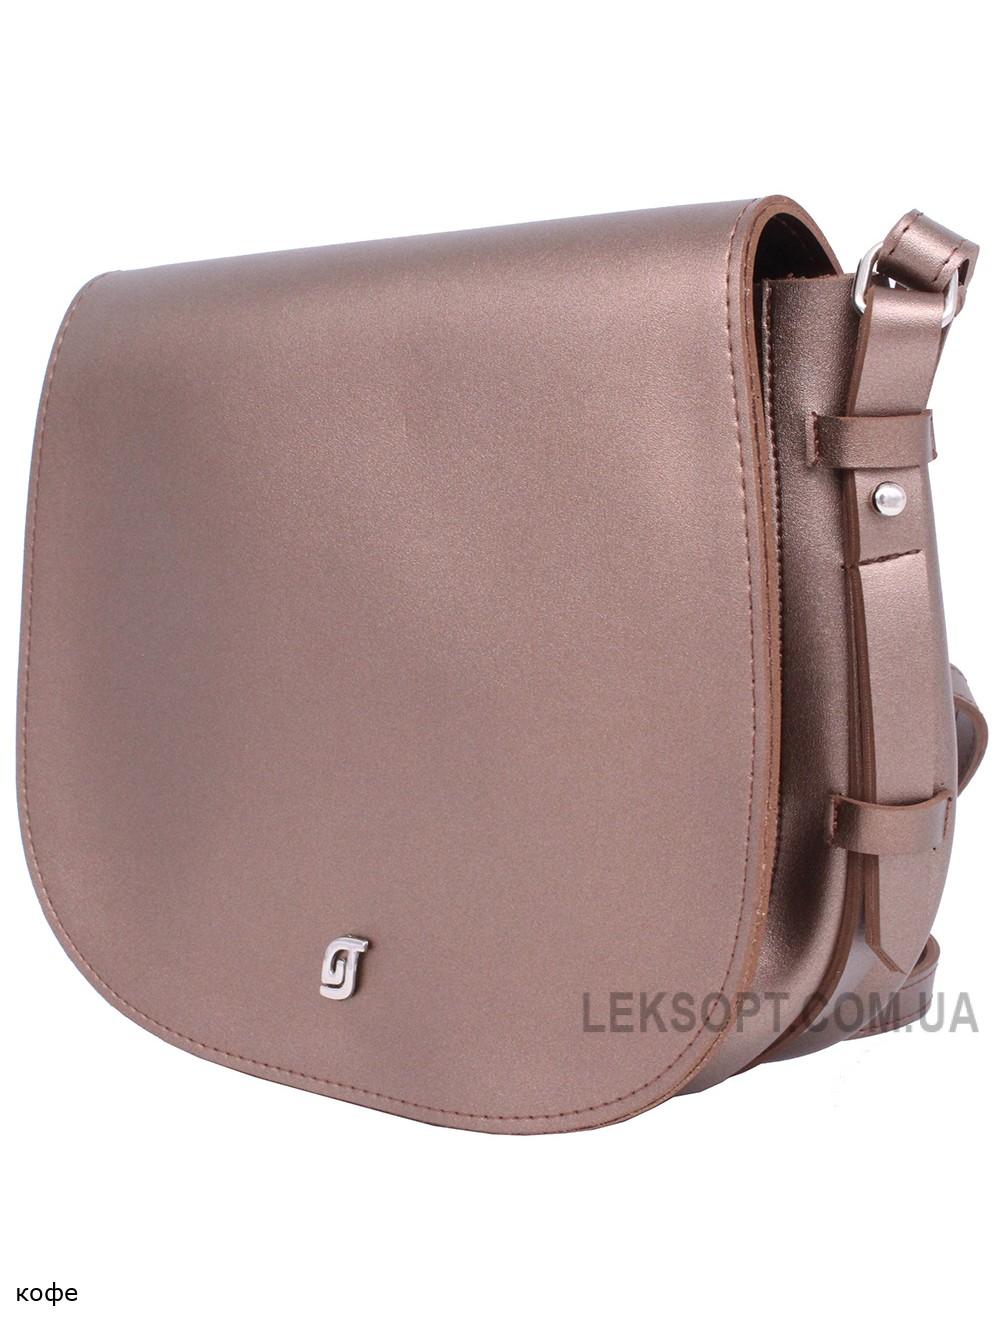 Женская модельная сумка Name кожзам 28х23х8 - Na101-89